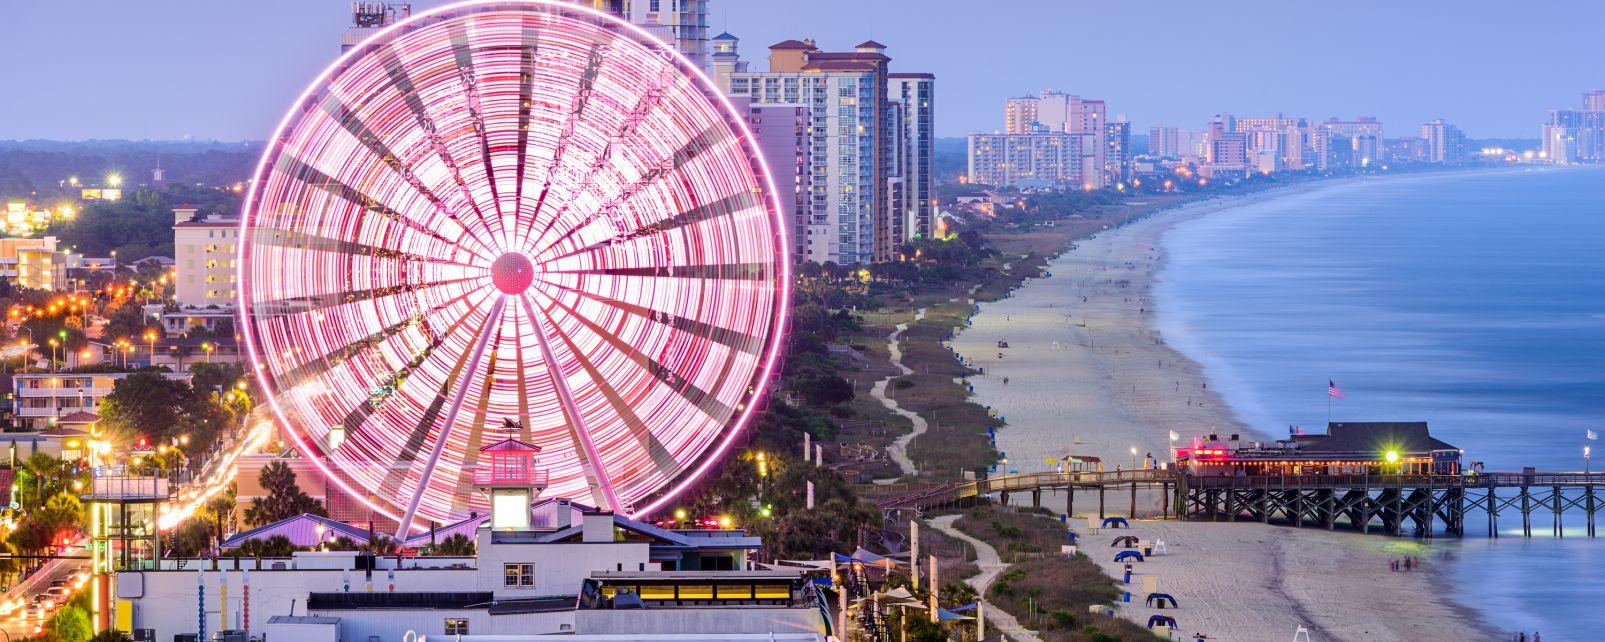 Myrtle Beach, Le sud des Etats-Unis, Etats-Unis, Myrtle Beach, le front de mer